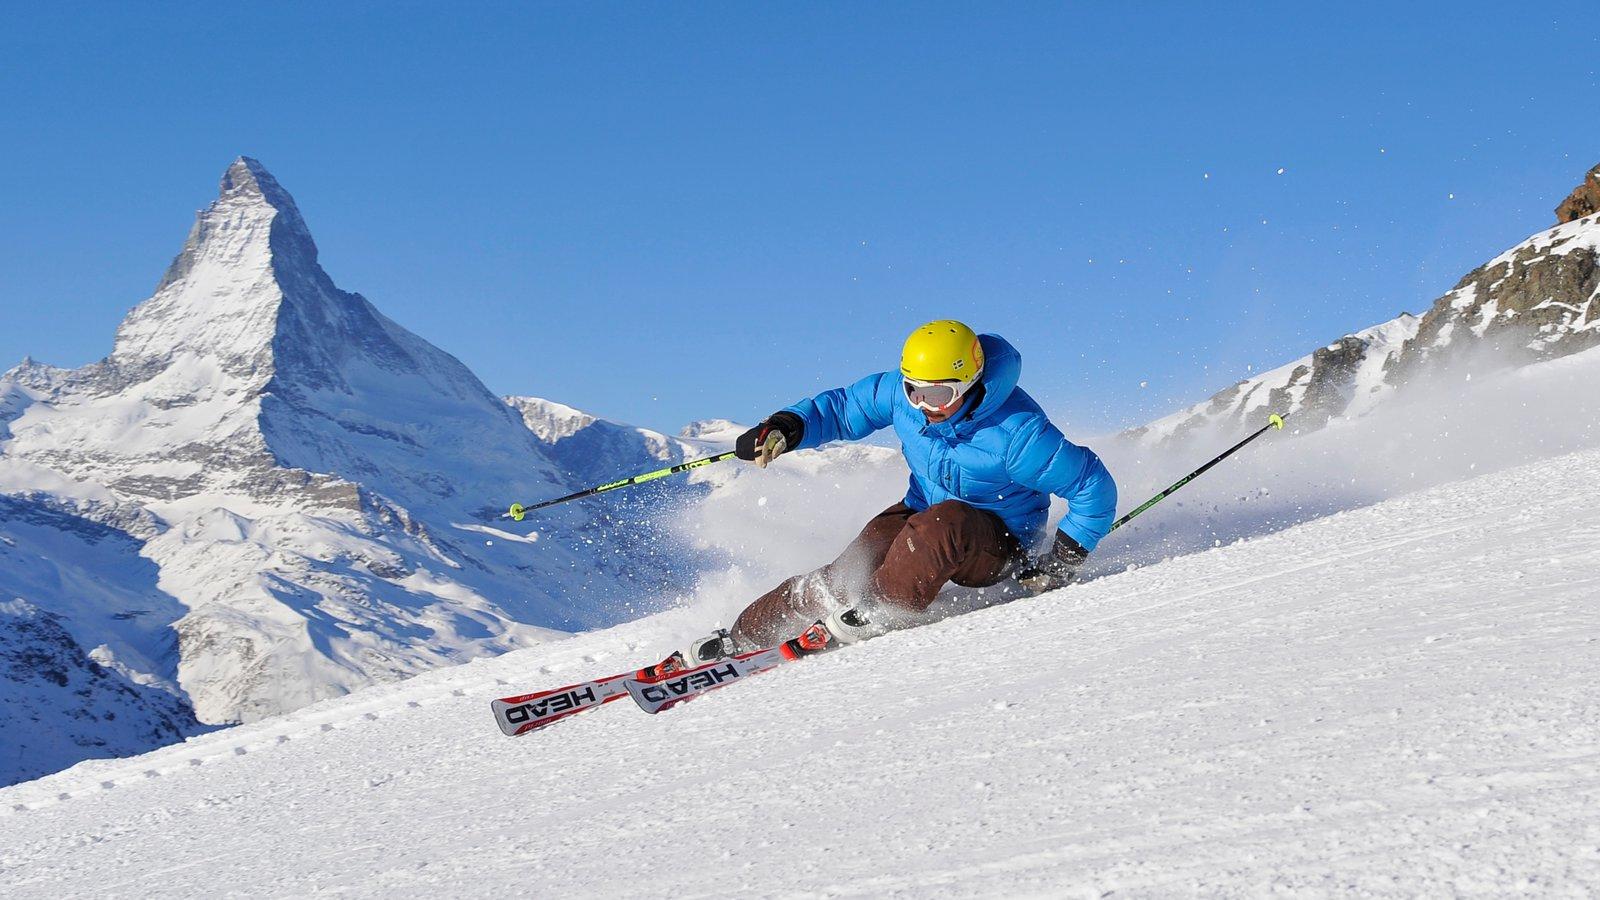 Matterhorn mostrando nieve, esquiar en la nieve y montañas